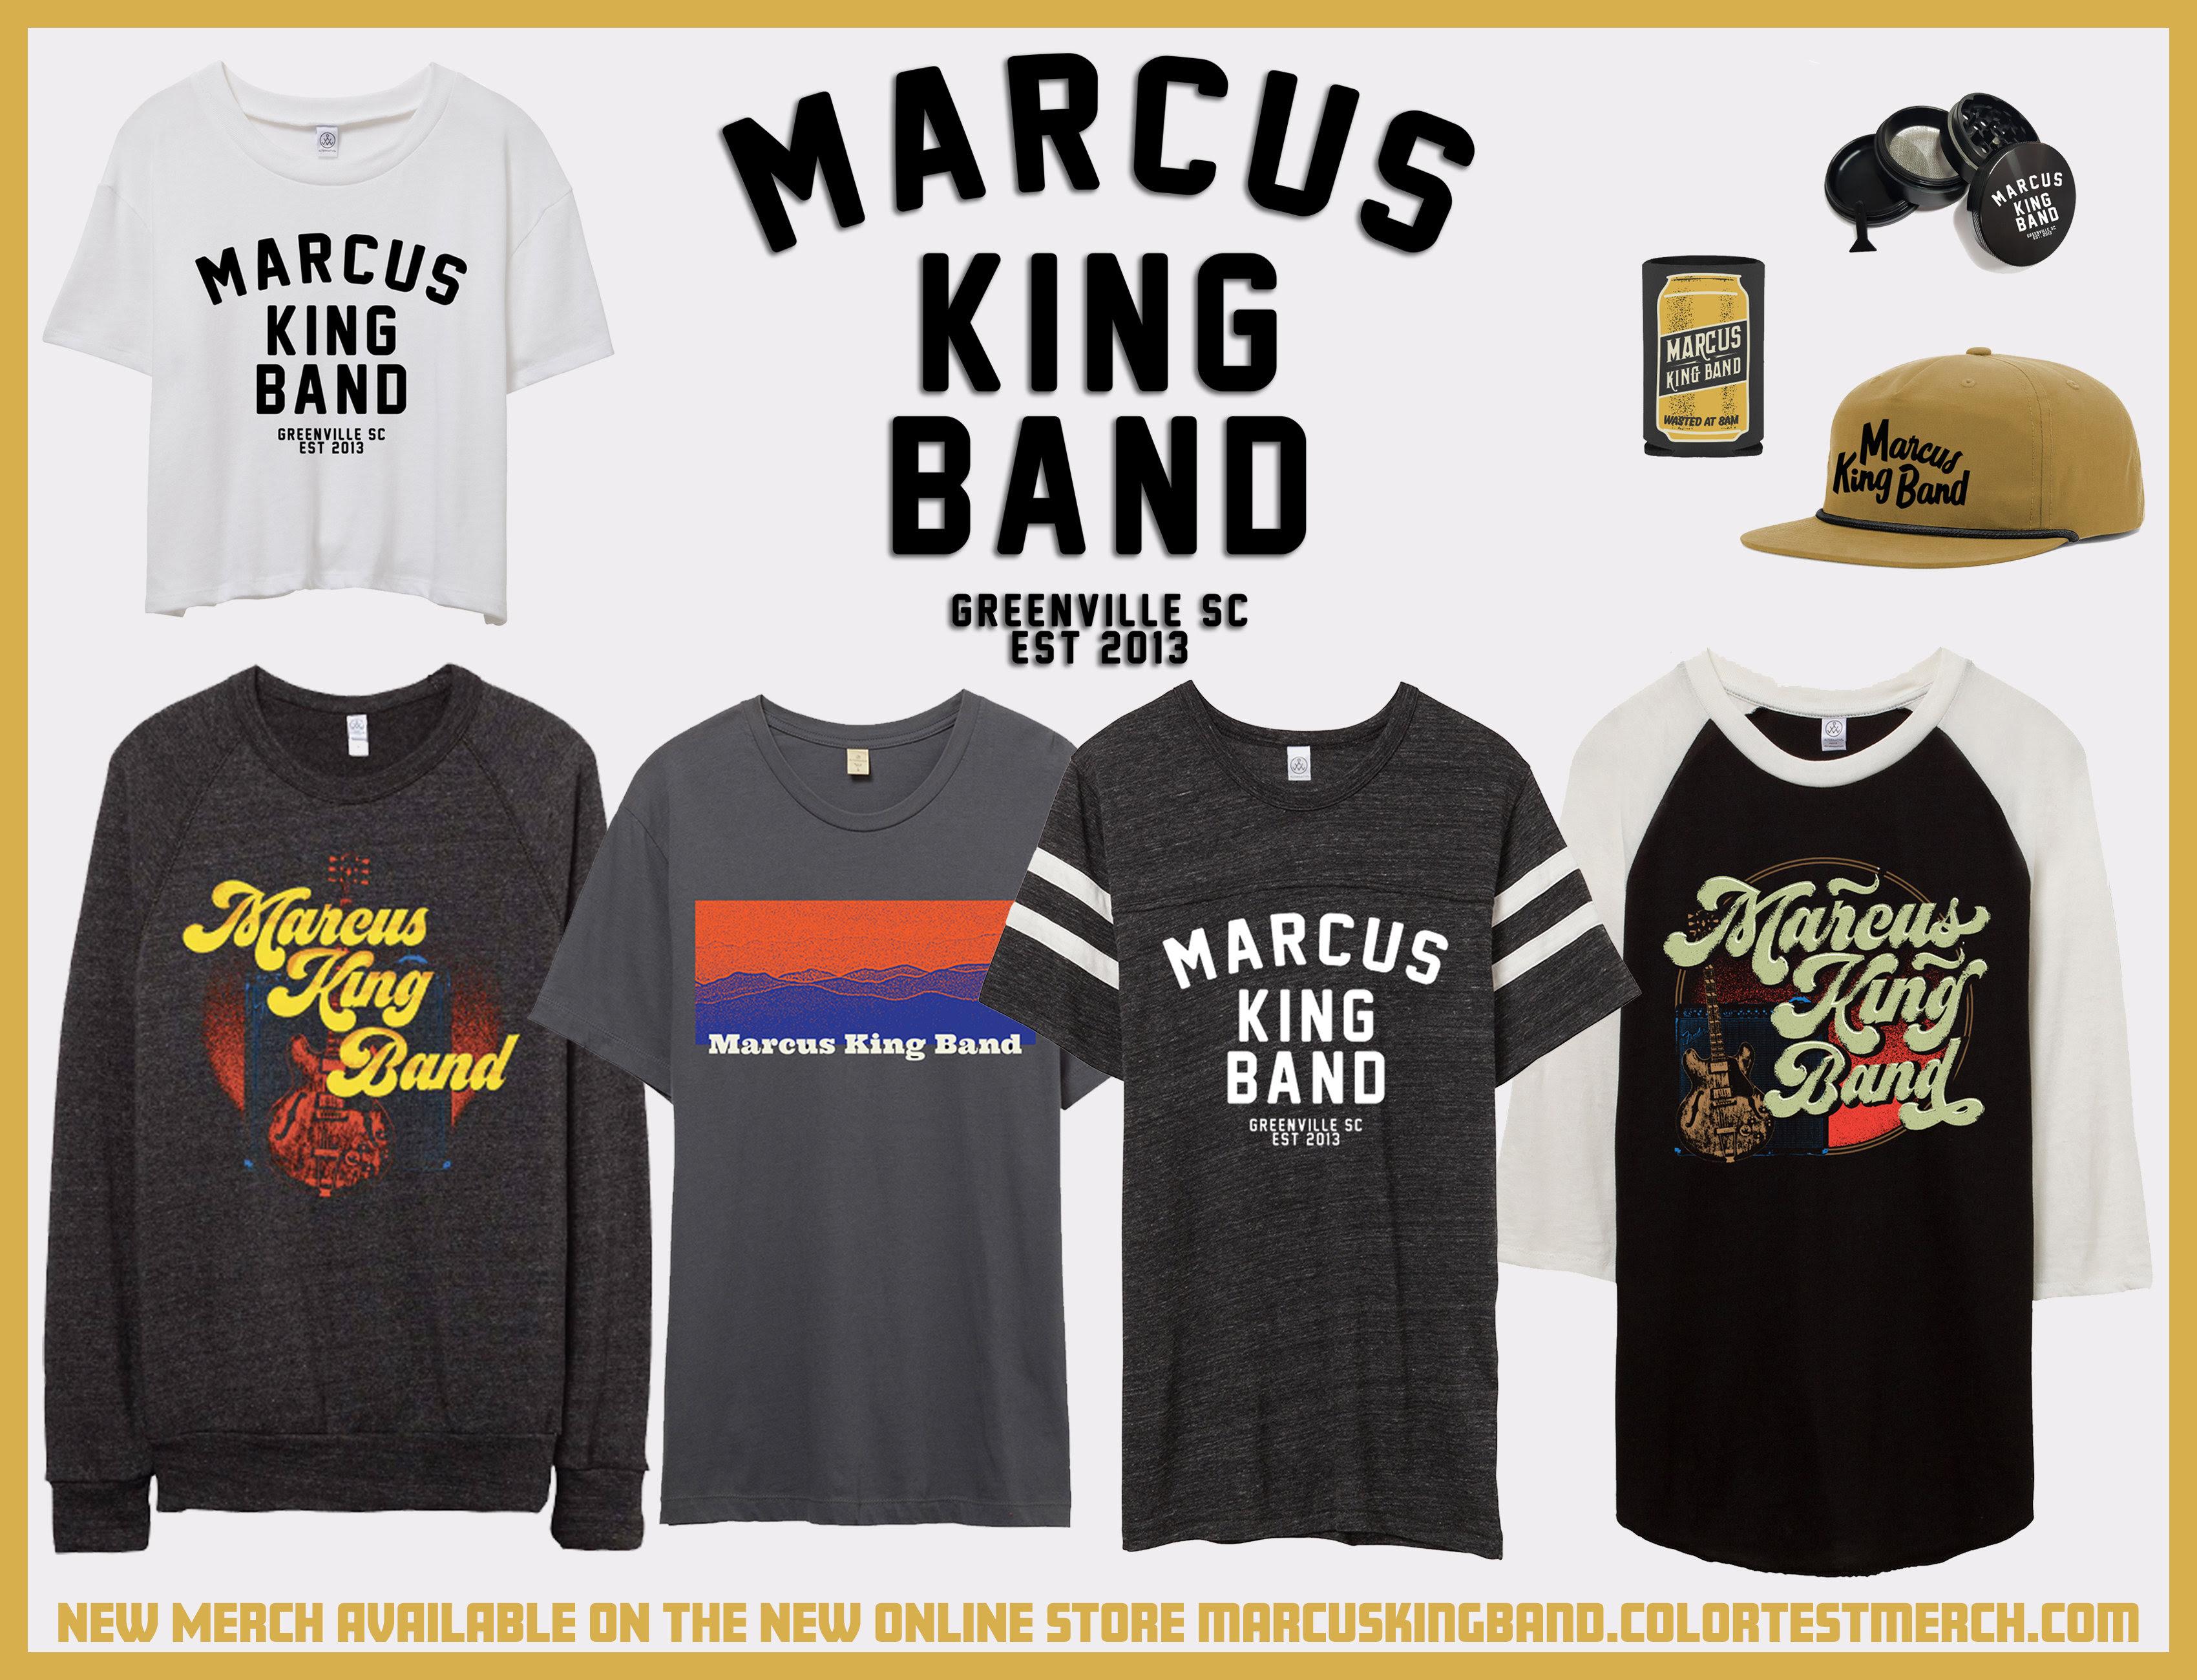 MARCUS KING BAND infos nouvel album – Bel7 Infos